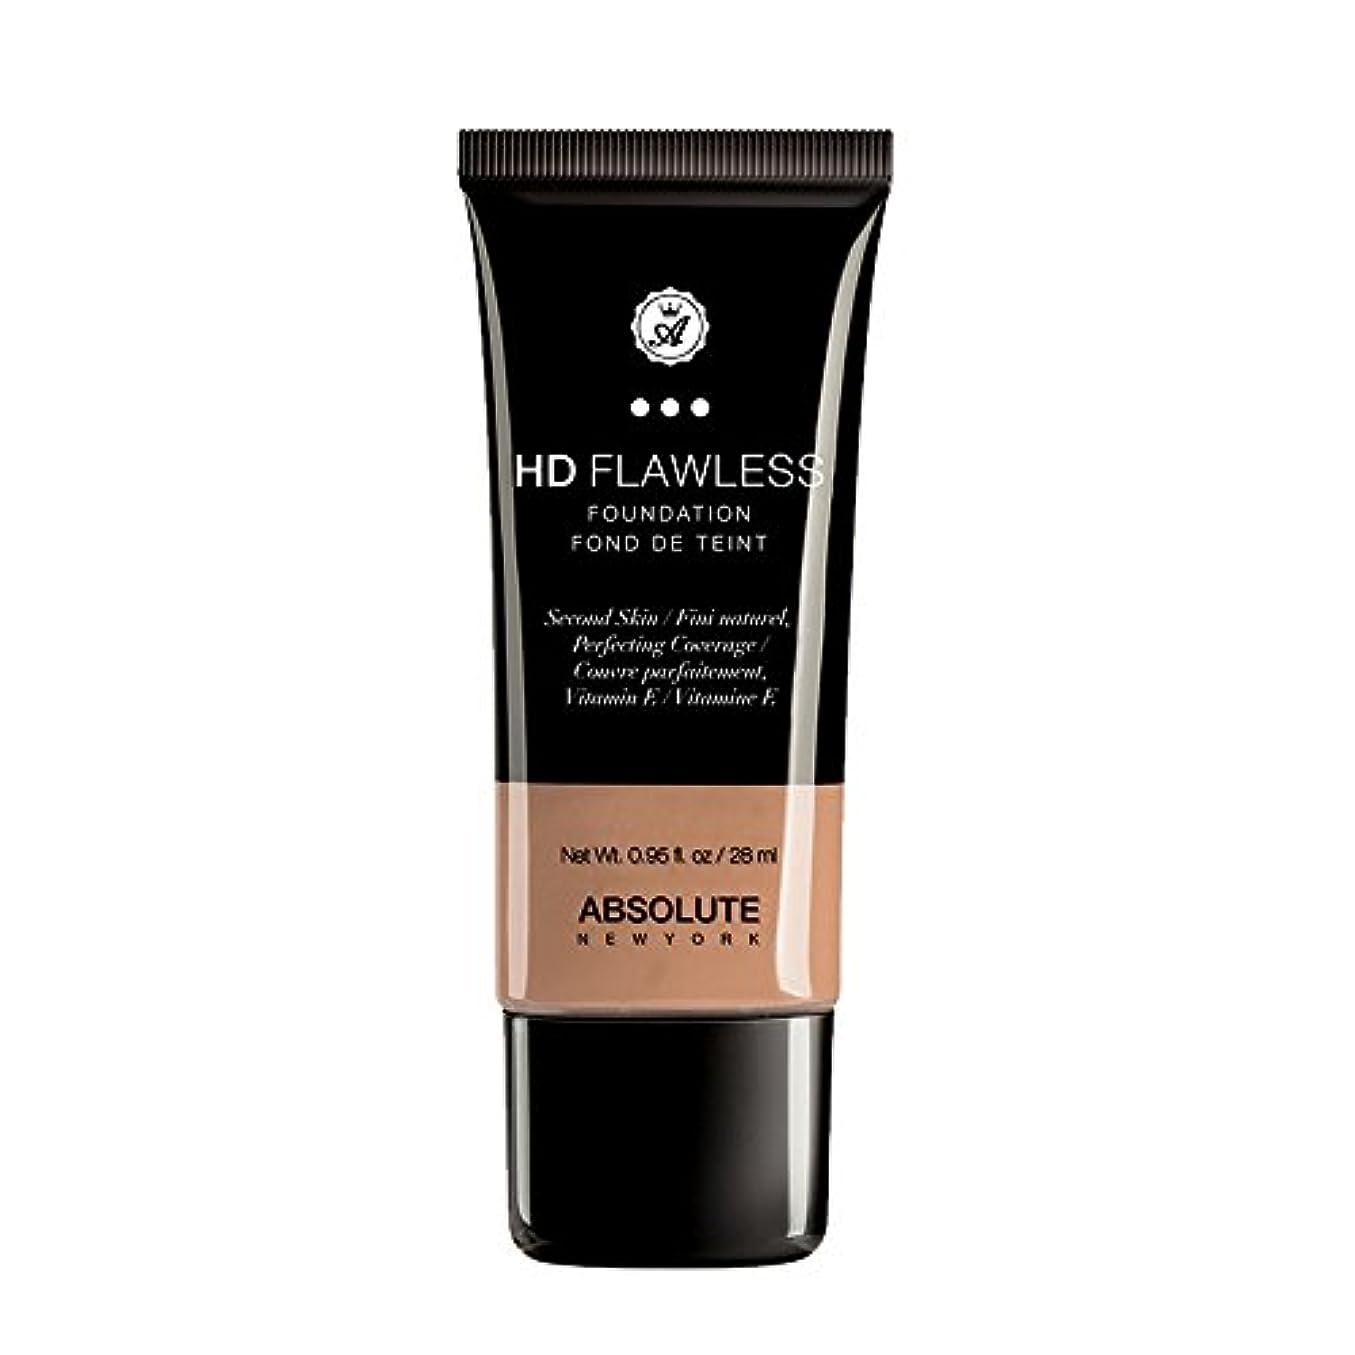 補う噴出する壁紙(3 Pack) ABSOLUTE HD Flawless Fluid Foundation - Honey (並行輸入品)